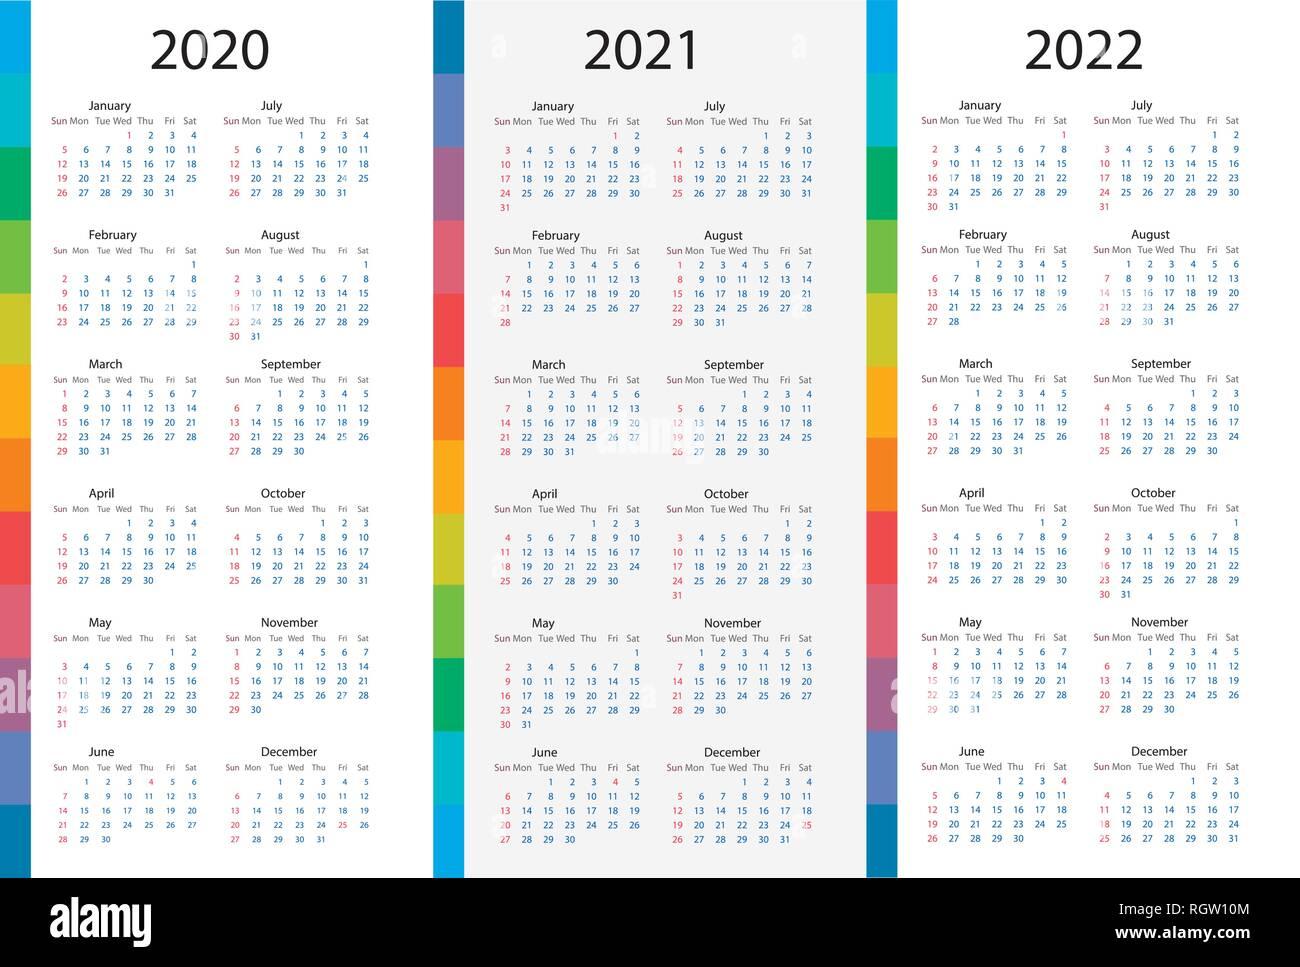 Calendrier Semaines 2020.Modele De Calendrier Fixe Pour 2020 2021 2022 Ans Semaine